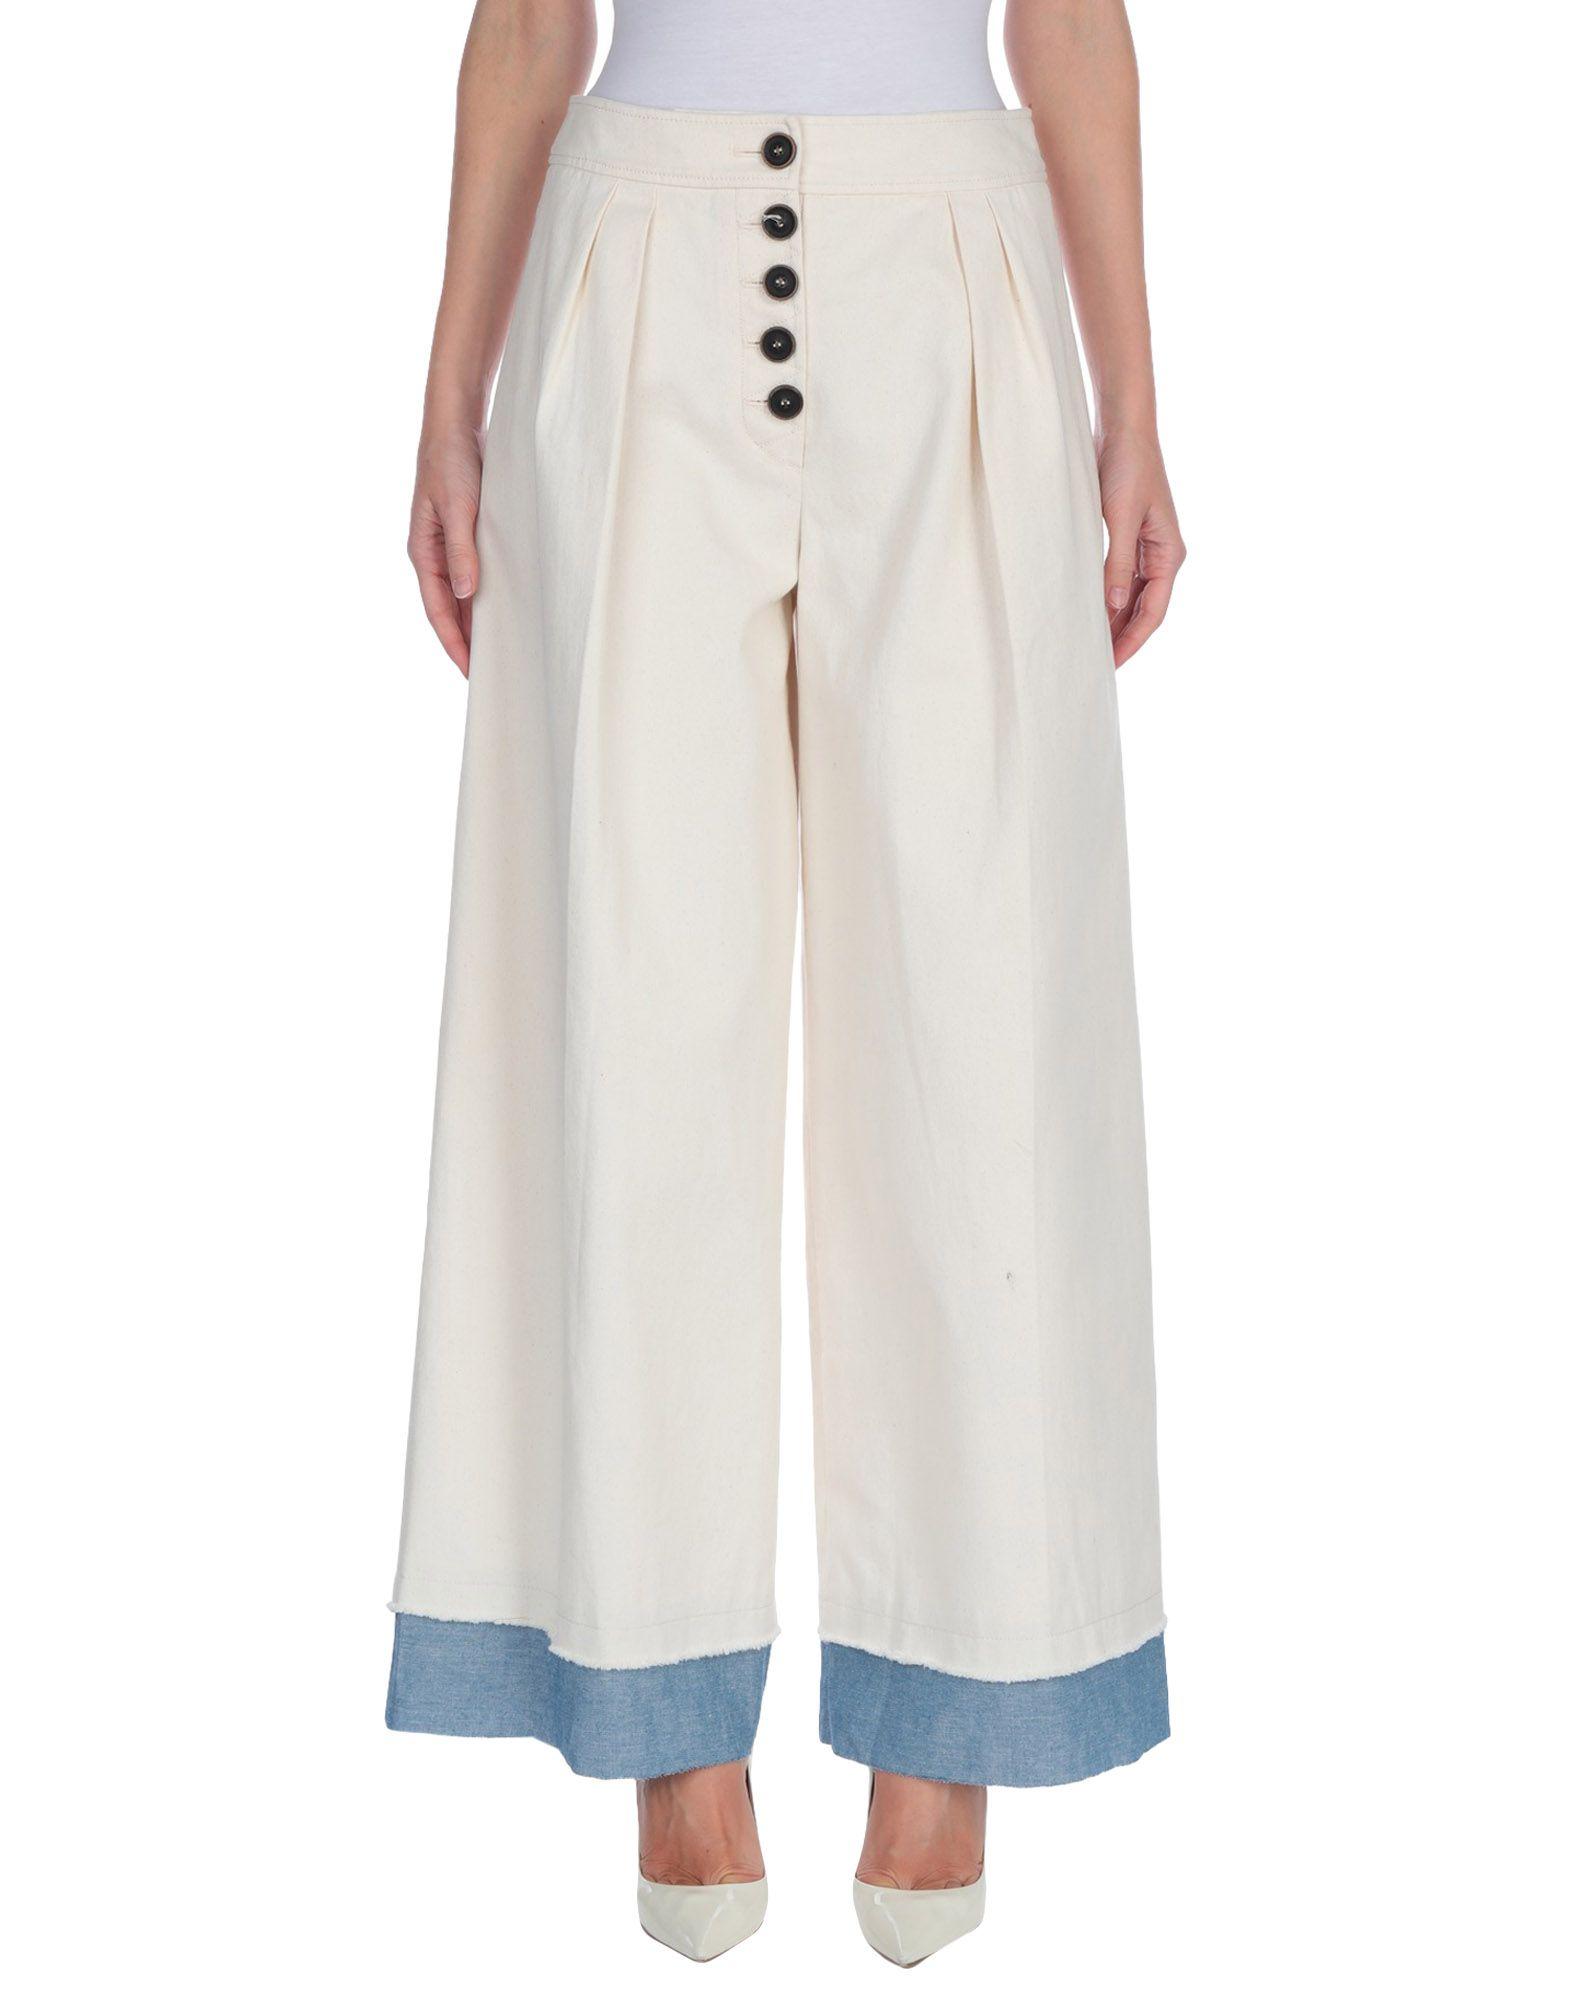 цены на REJINA PYO Джинсовые брюки в интернет-магазинах